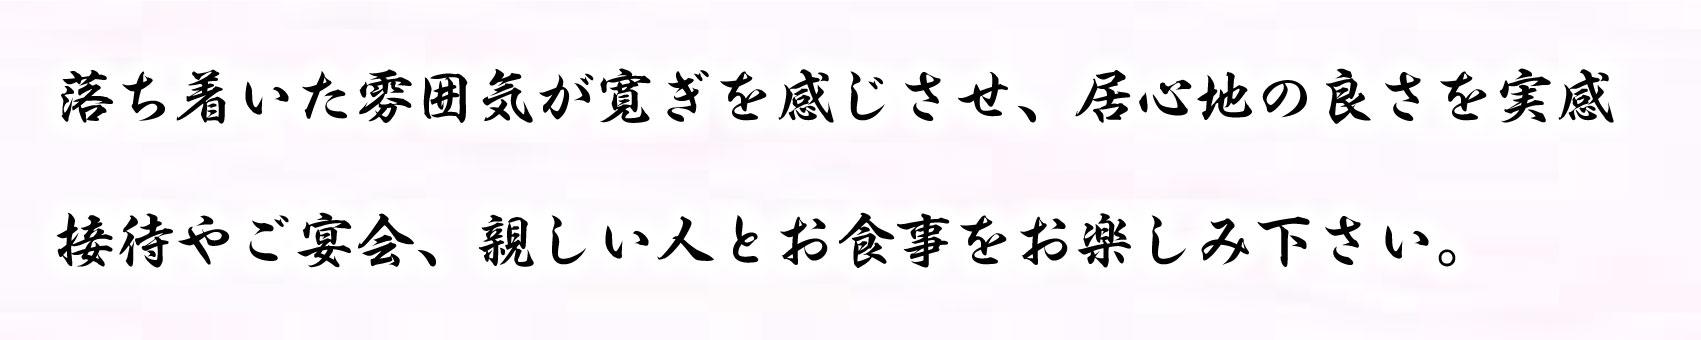 磯ふじ 〒286-0221 千葉県富里市七栄576-5